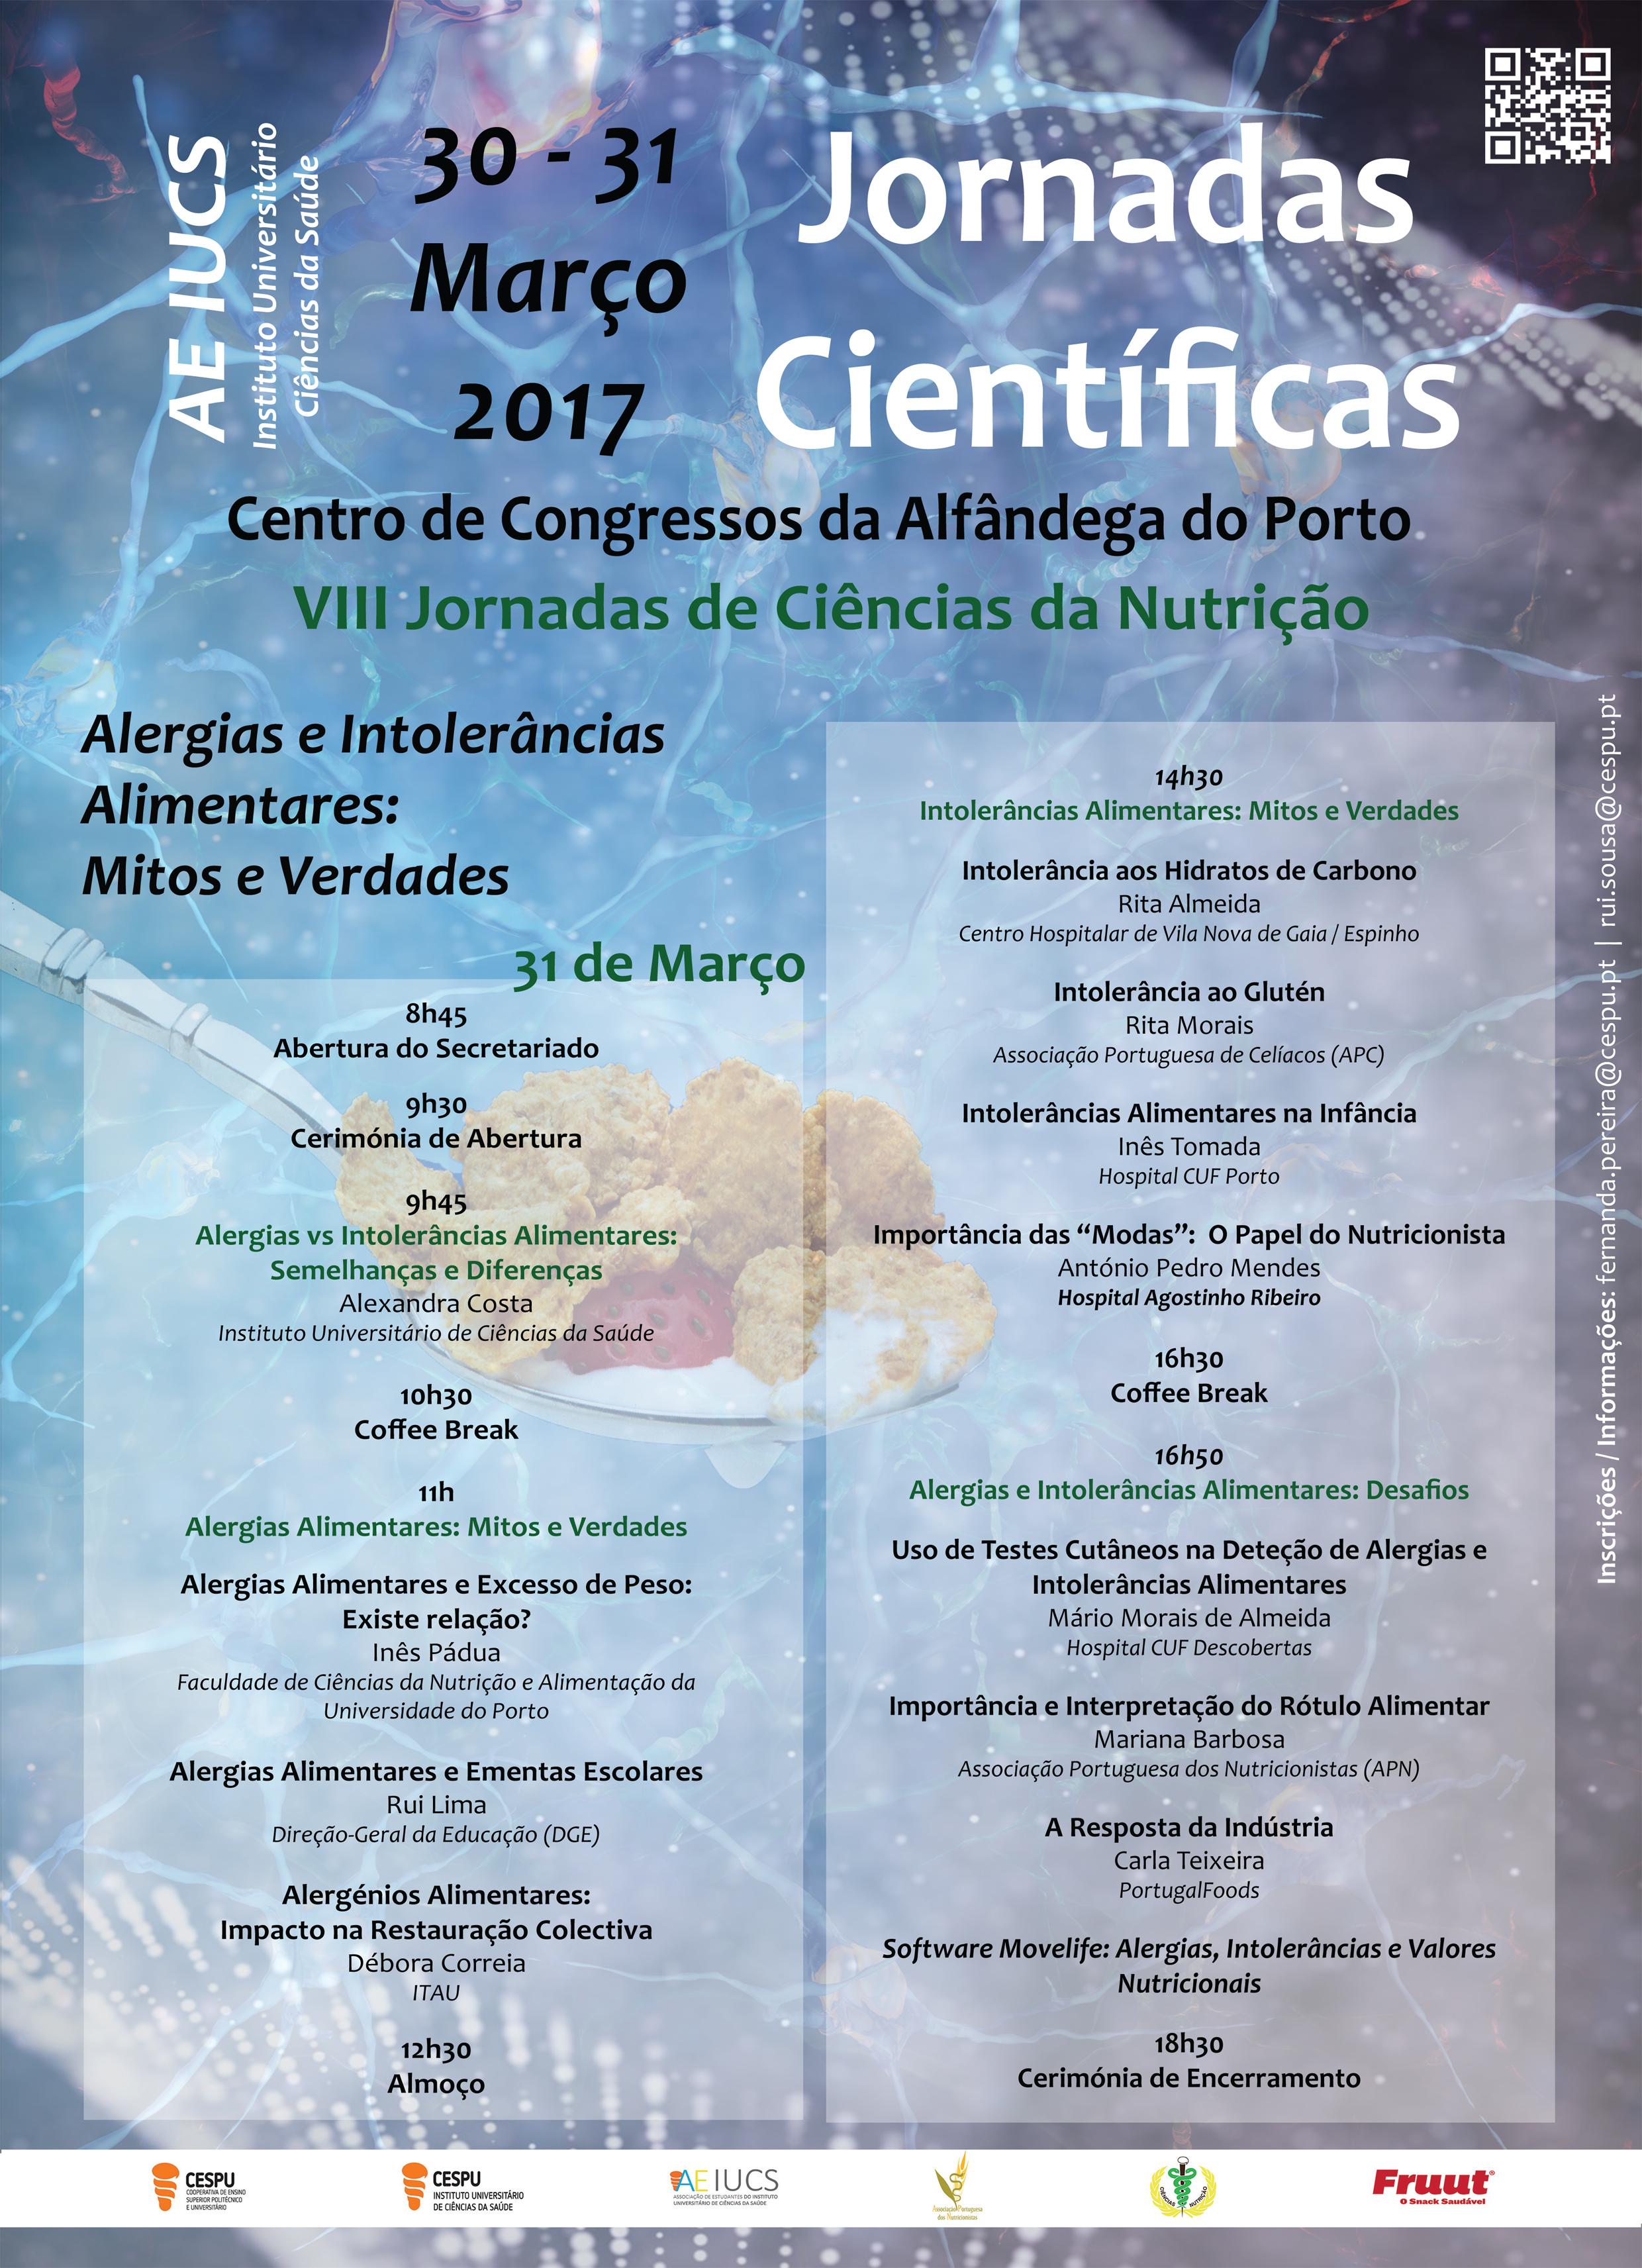 Ciencias farmaceuticas